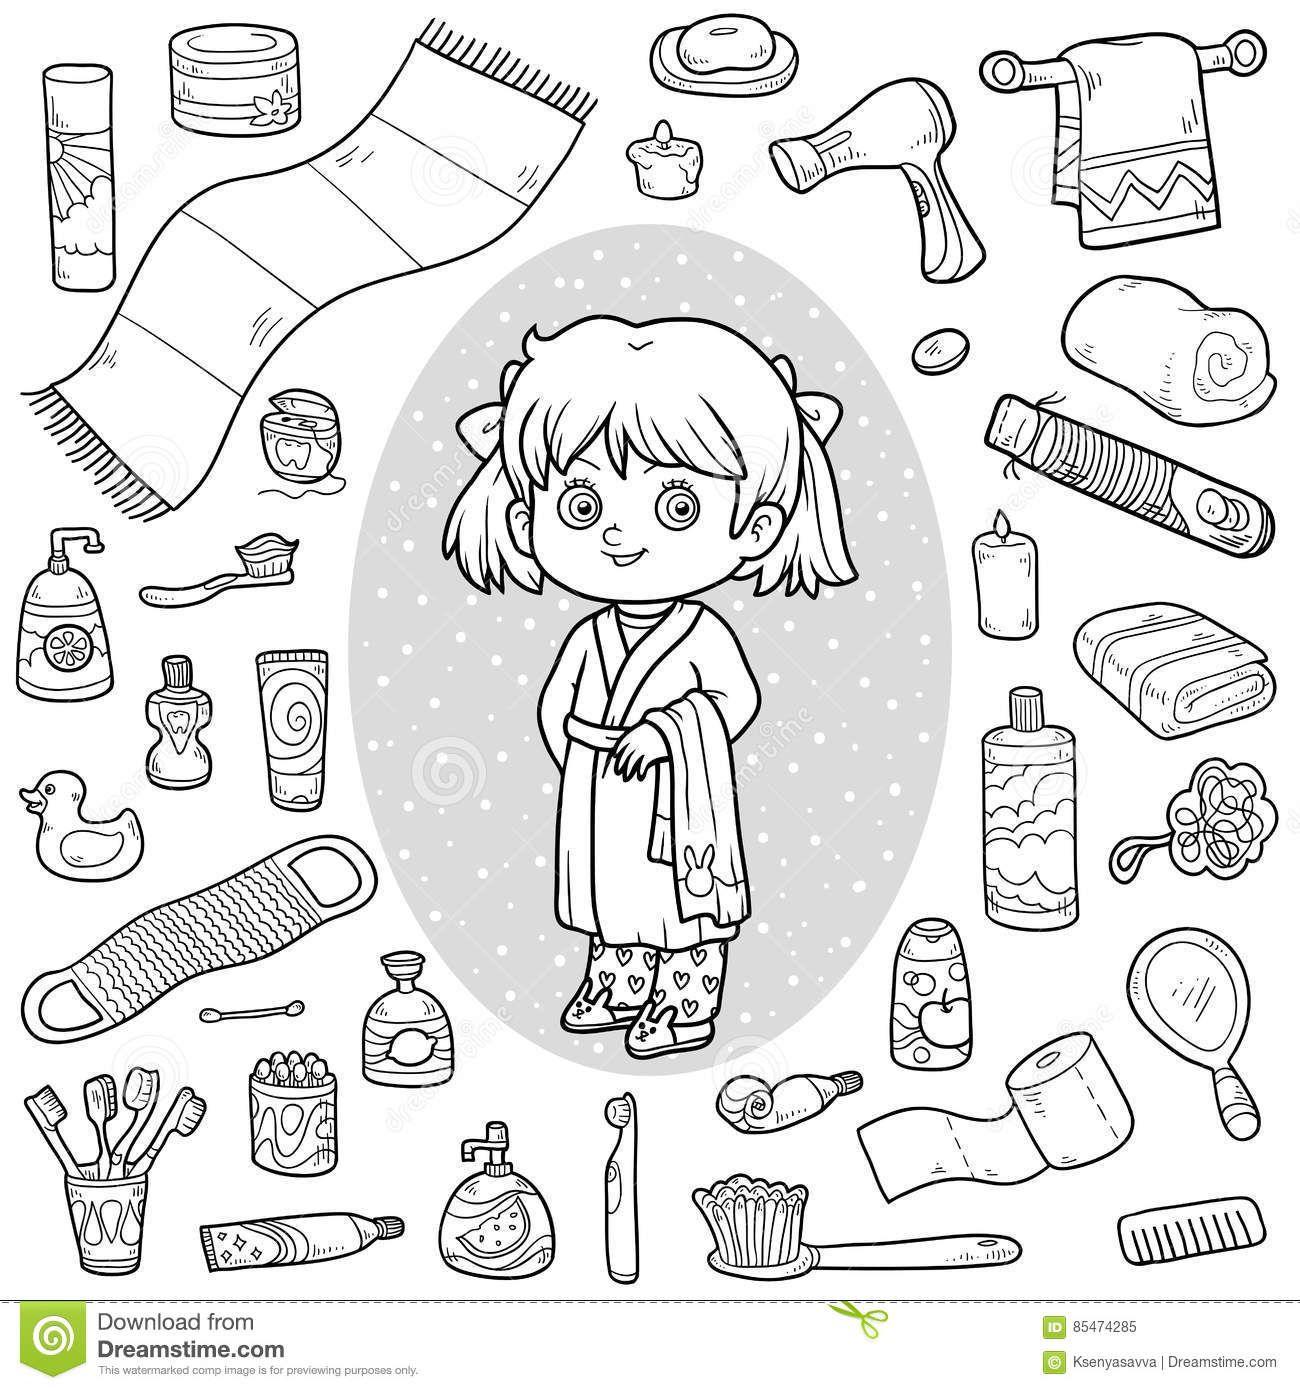 S Imajikreatifspot 03 Cartoon Hygiene